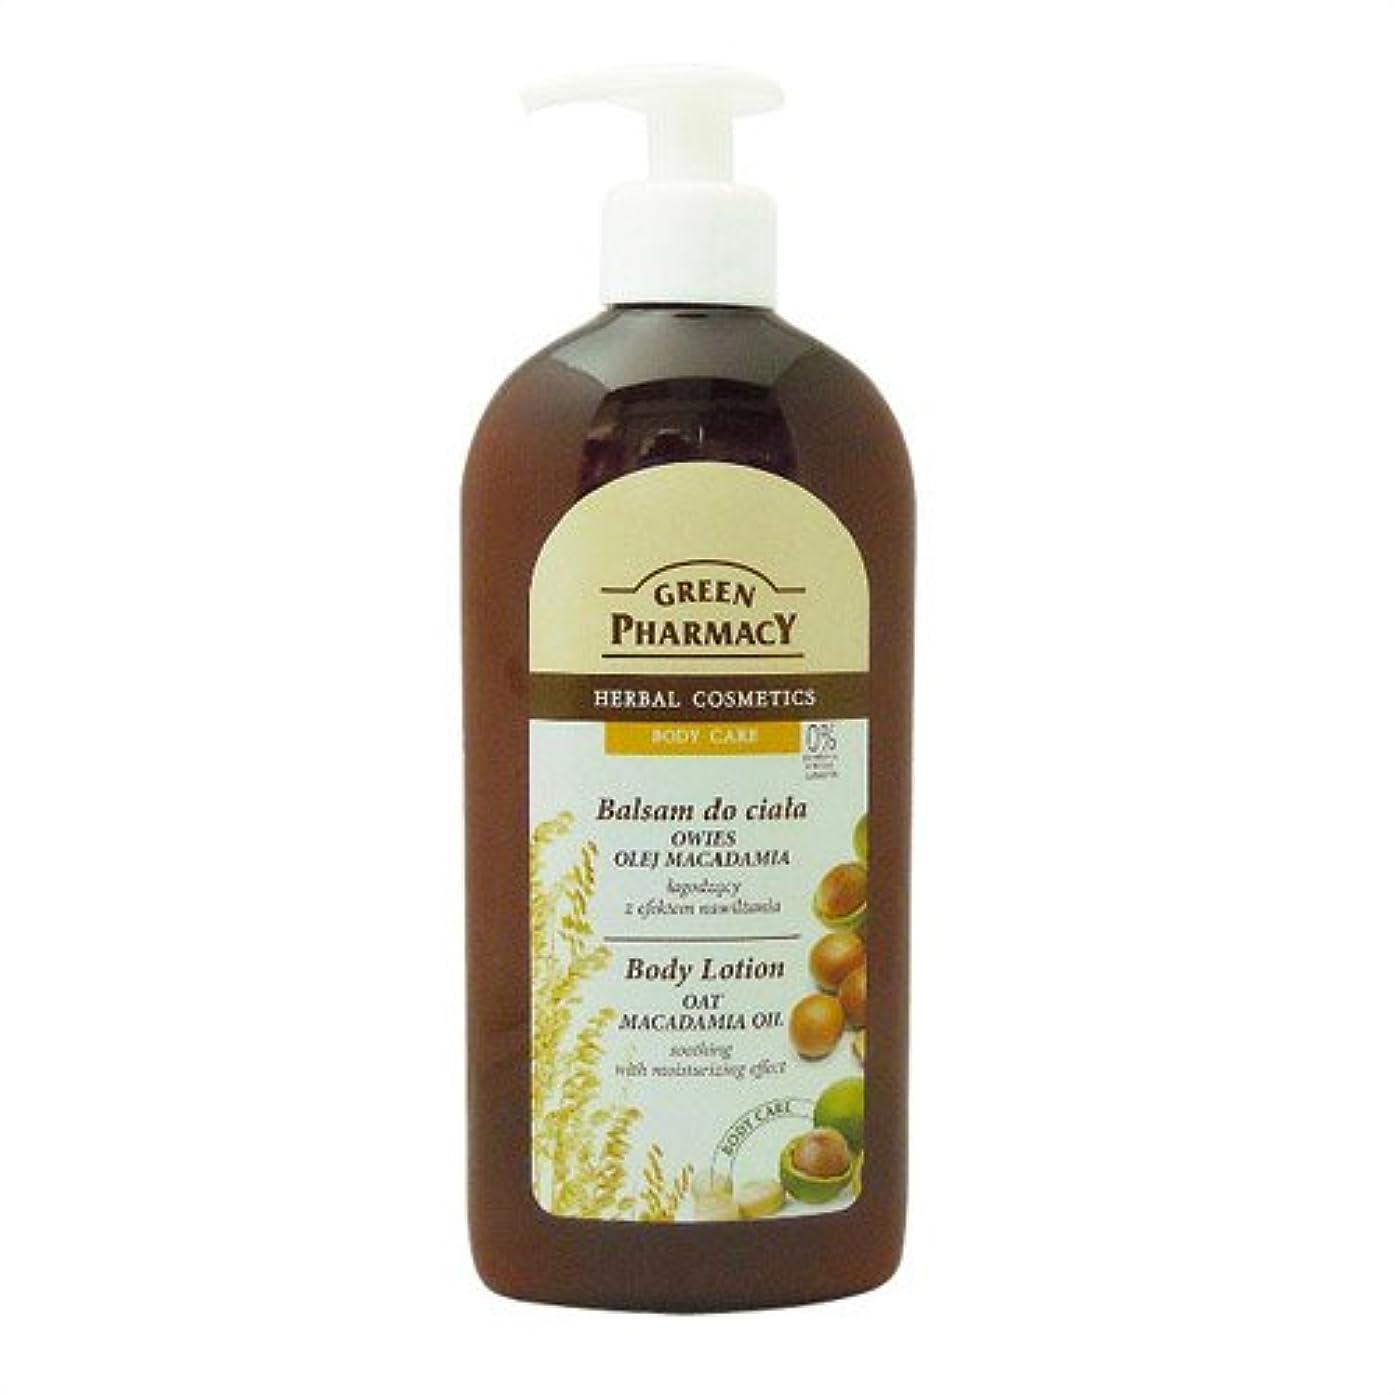 対称リテラシー天気Elfa Pharm Green Pharmacy グリーンファーマシー Body Lotion ボディローション Oat Macadamia Oil